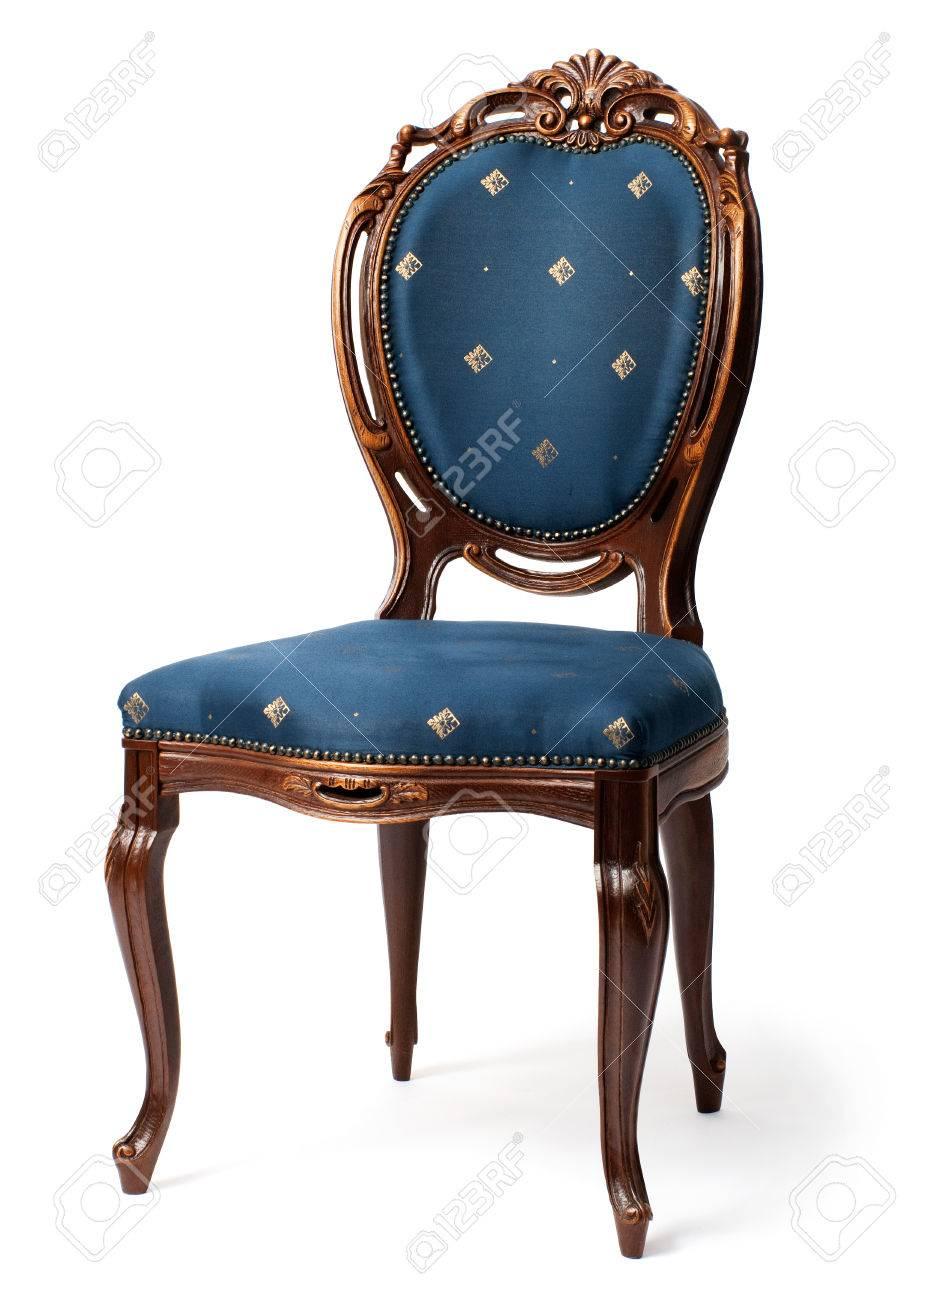 banque dimages chaise baroque avec sellerie bleu isol sur fond blanc - Chaise Baroque